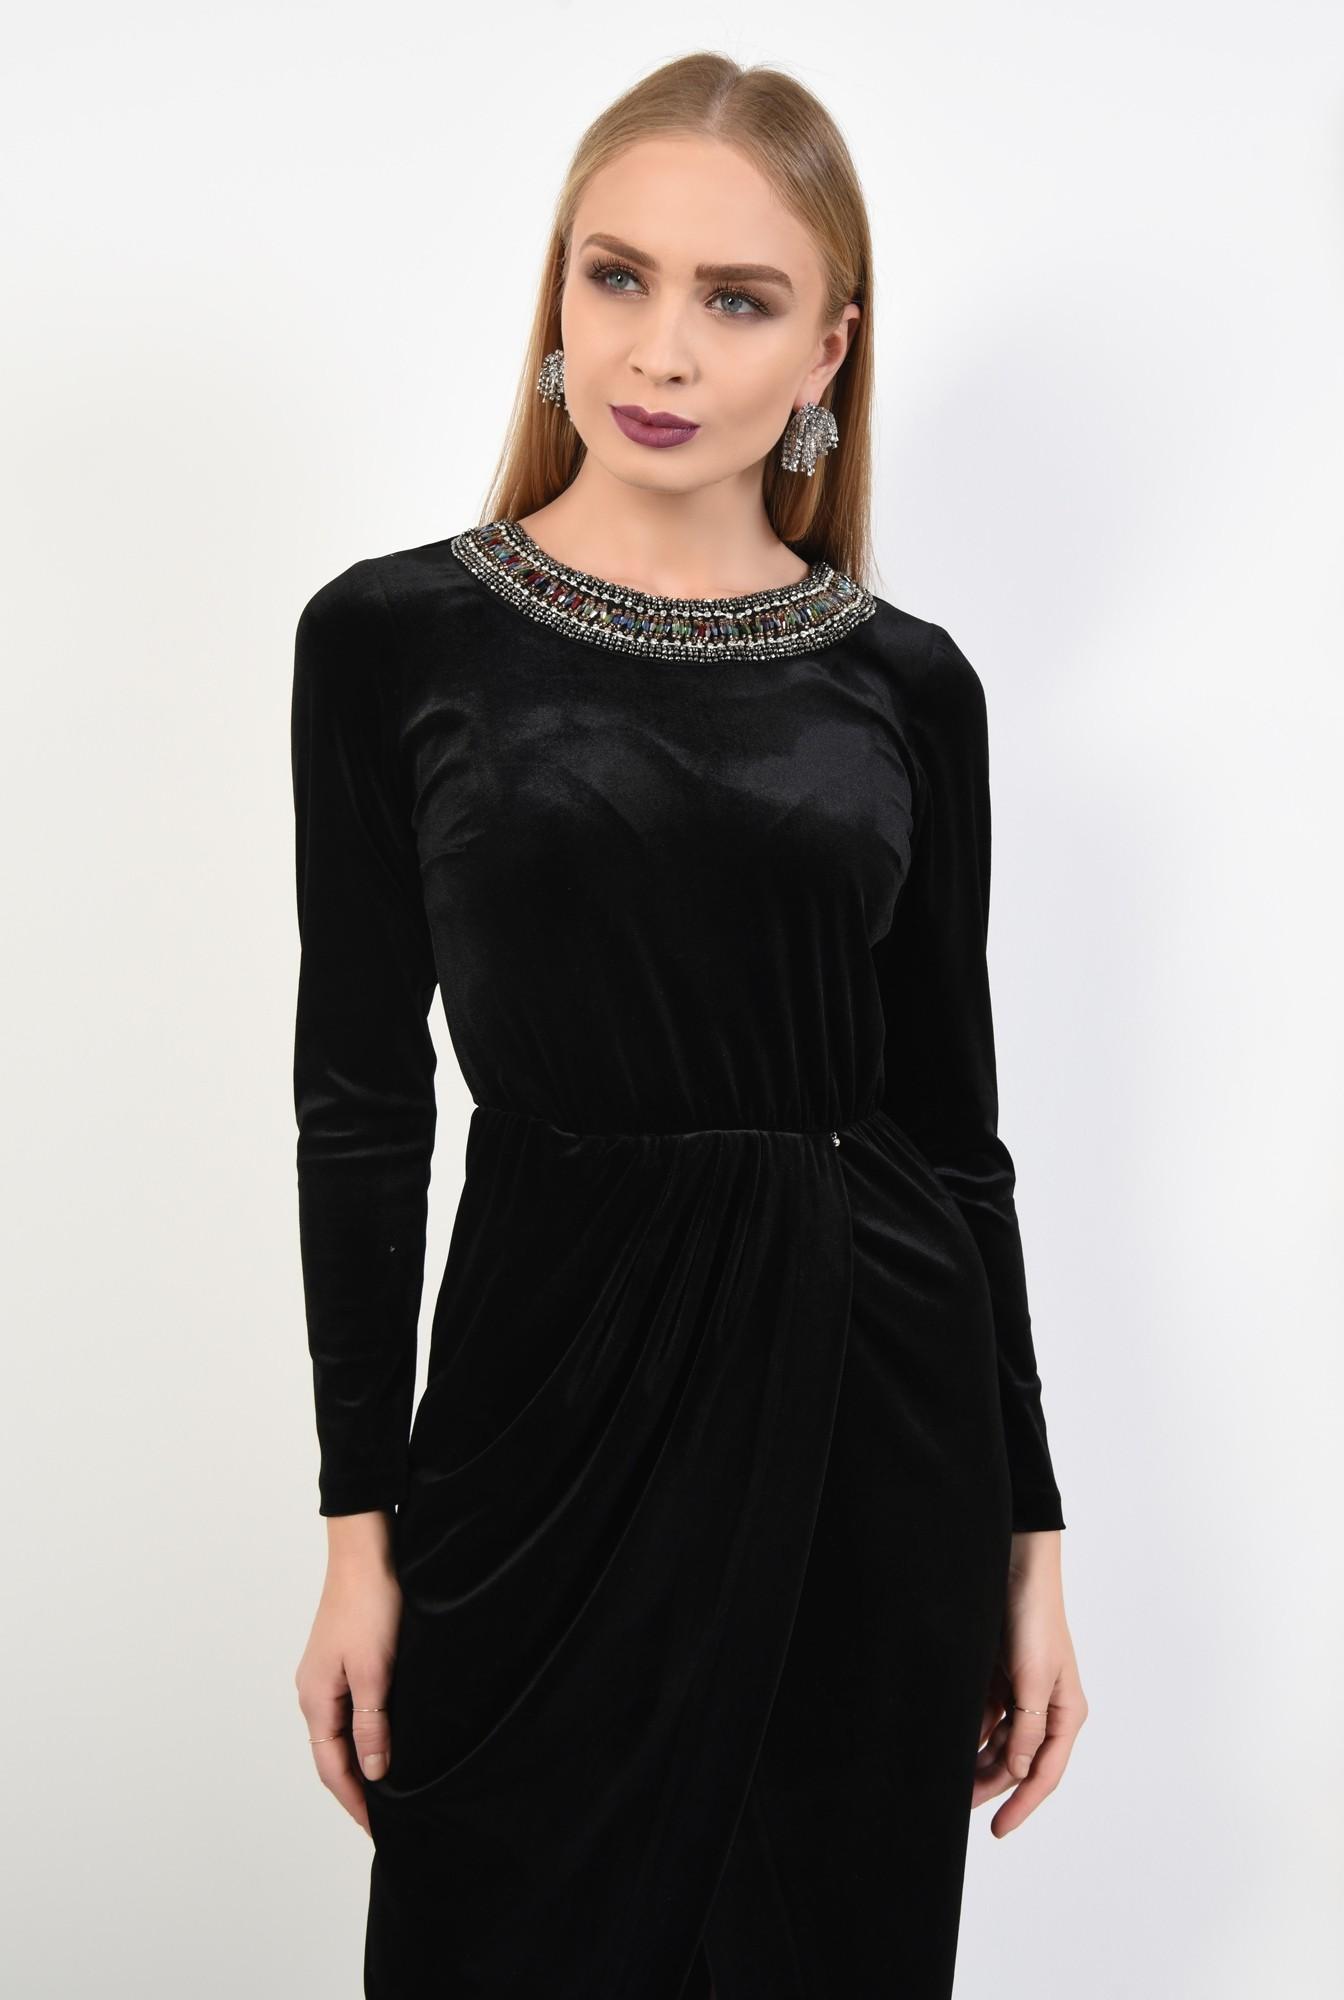 2 - rochie de seara, catifea, negru, pasmanterie la decolteu, parte peste parte